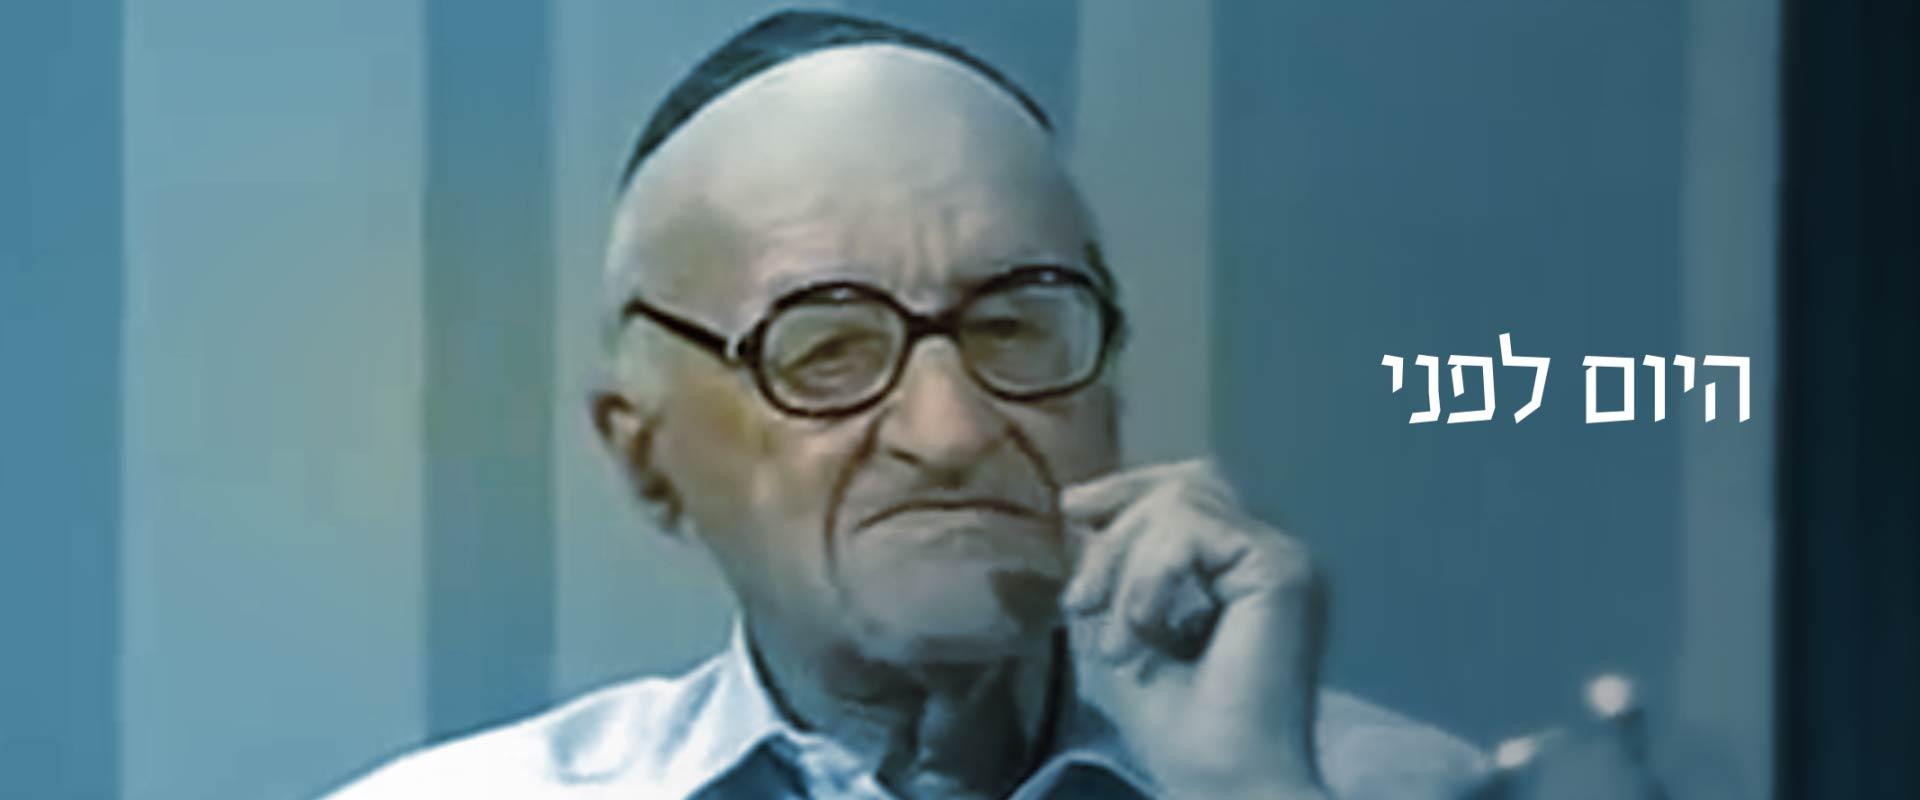 היום לפני: מותו של ישעיהו ליבוביץ